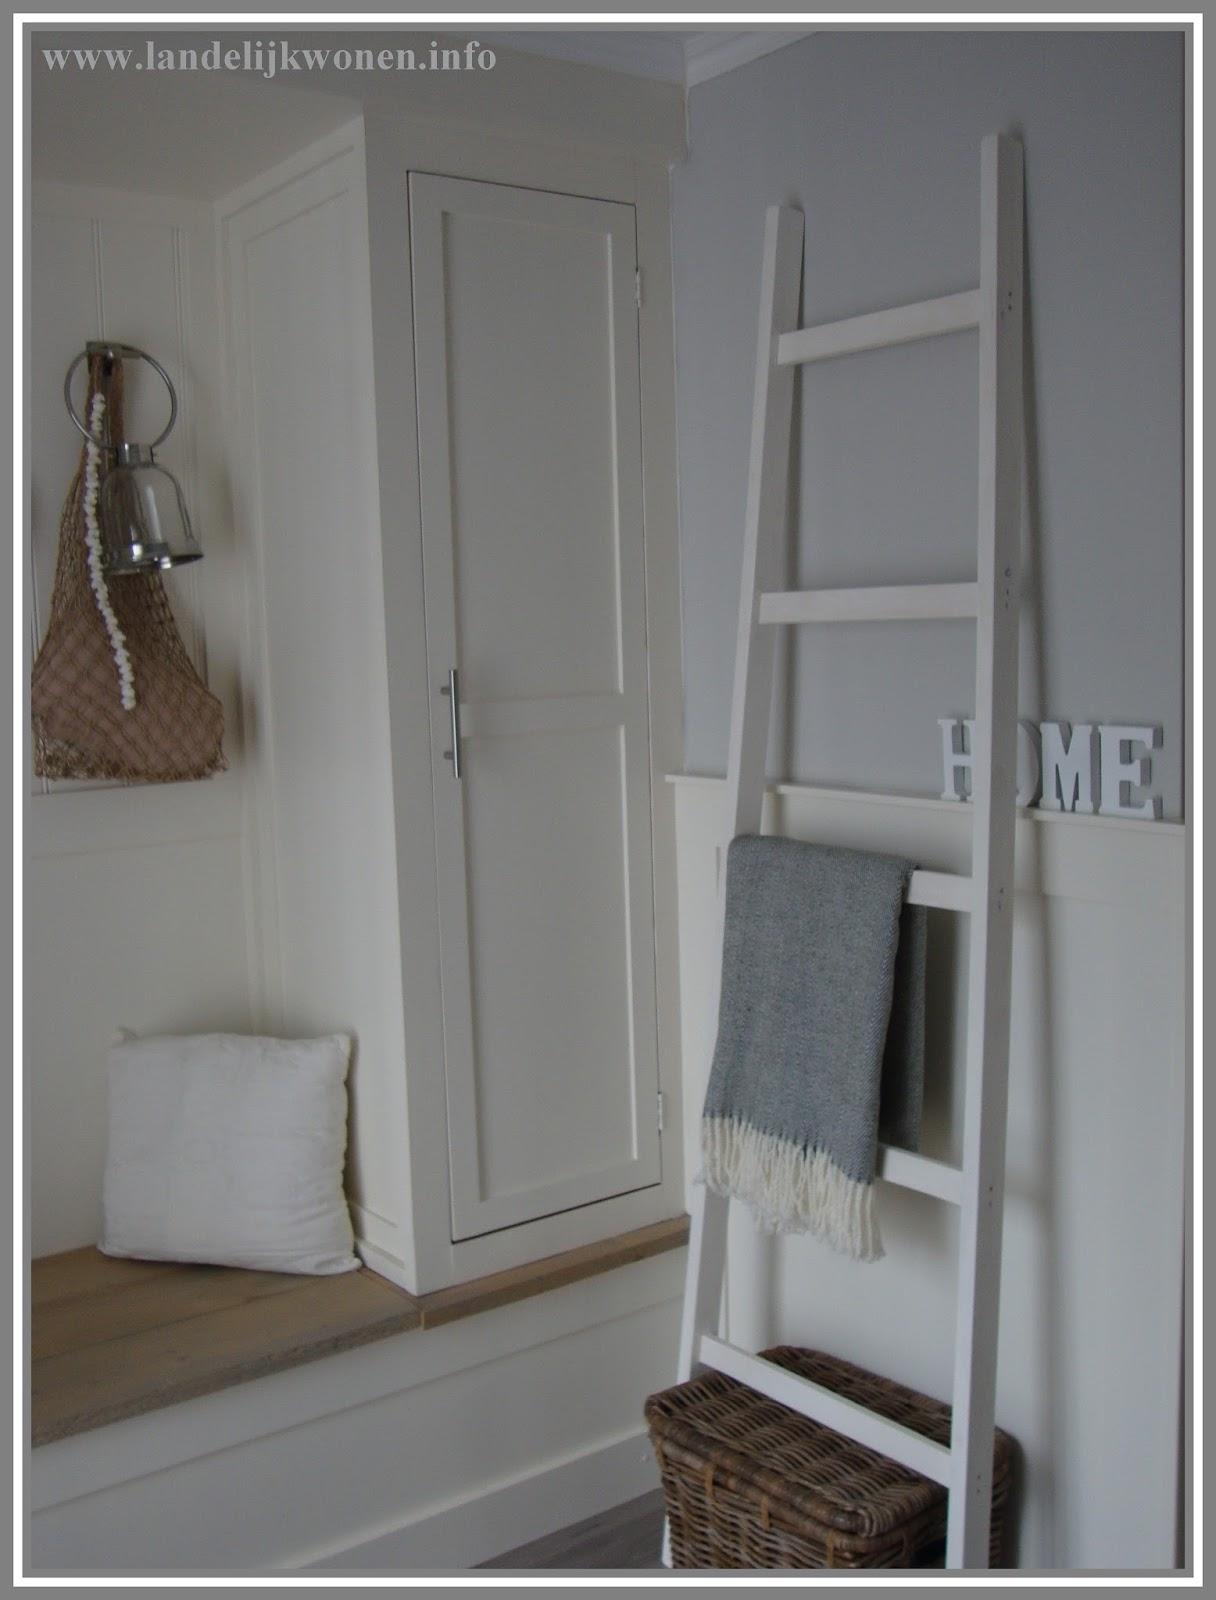 Geliefde Landelijk Wonen: Interieur idee: Decoratieve Ladder zelf maken #XL27